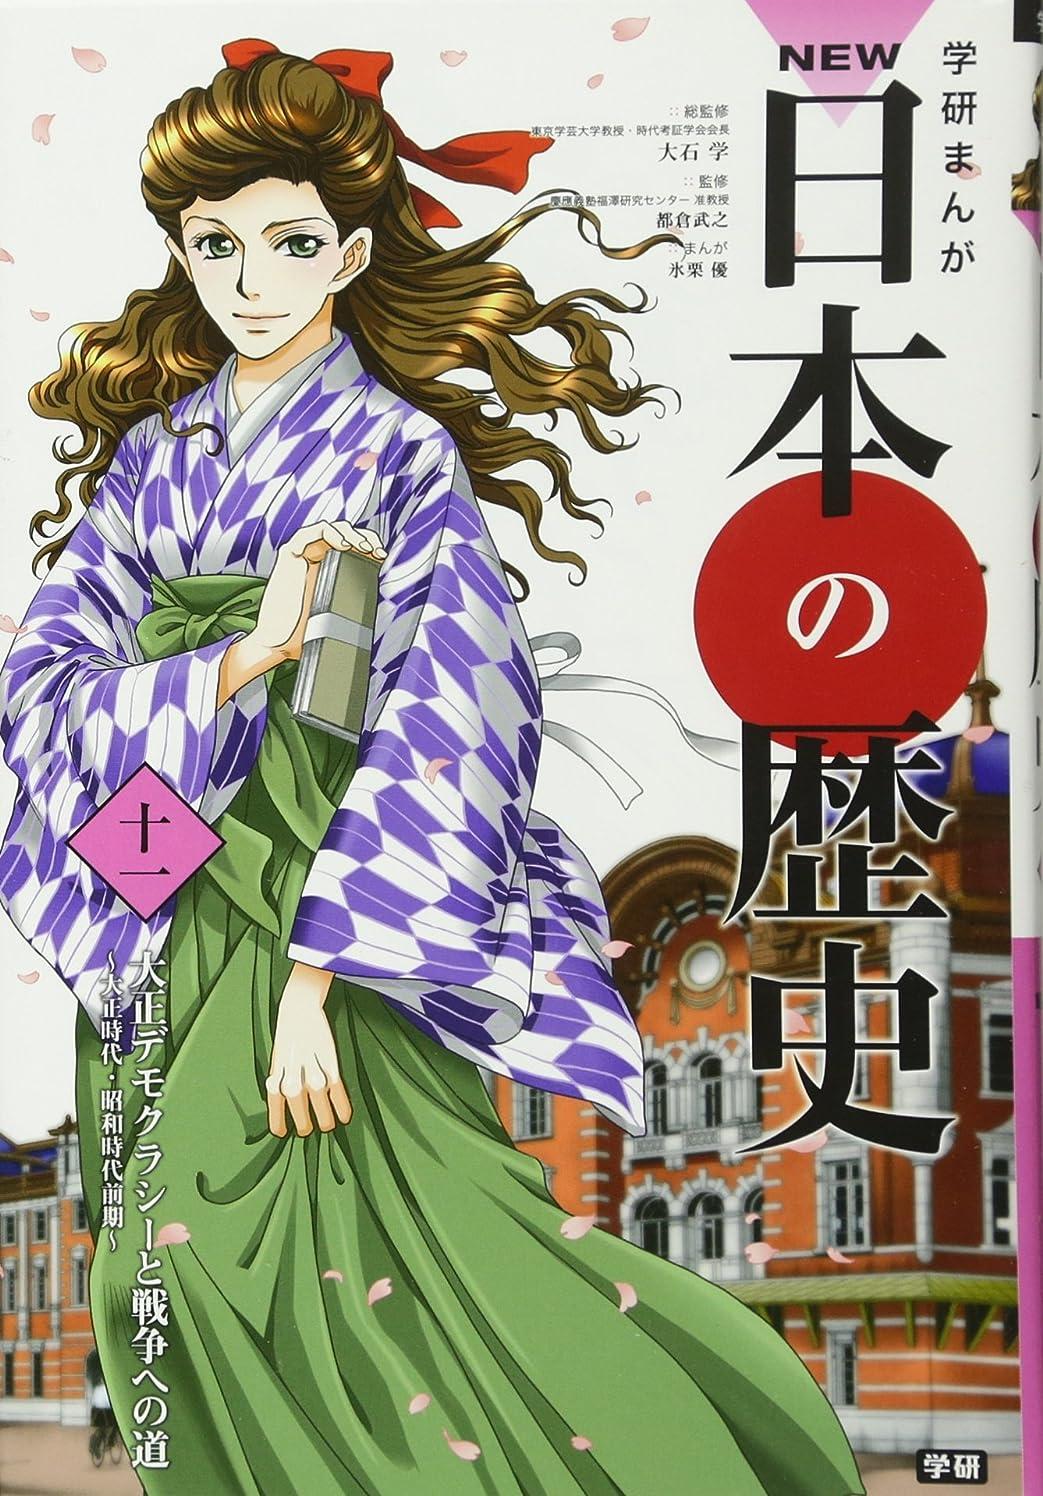 増強する想像力豊かなとは異なり学習まんが NEW日本の歴史11 大正デモクラシーと戦争への道 (学研まんが NEW日本の歴史)